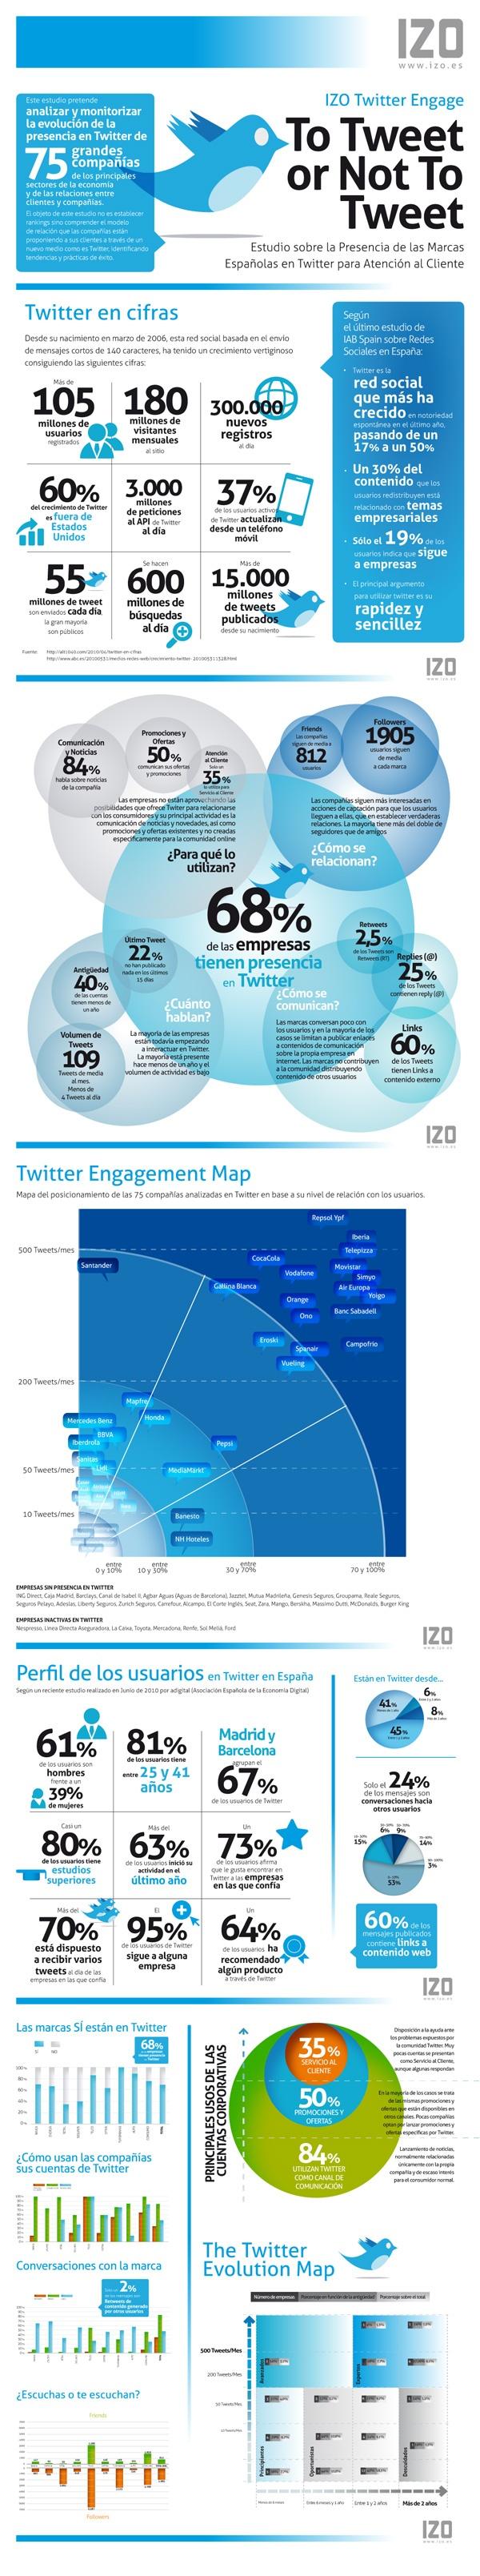 Twitter in Spain, by IZO (Spai